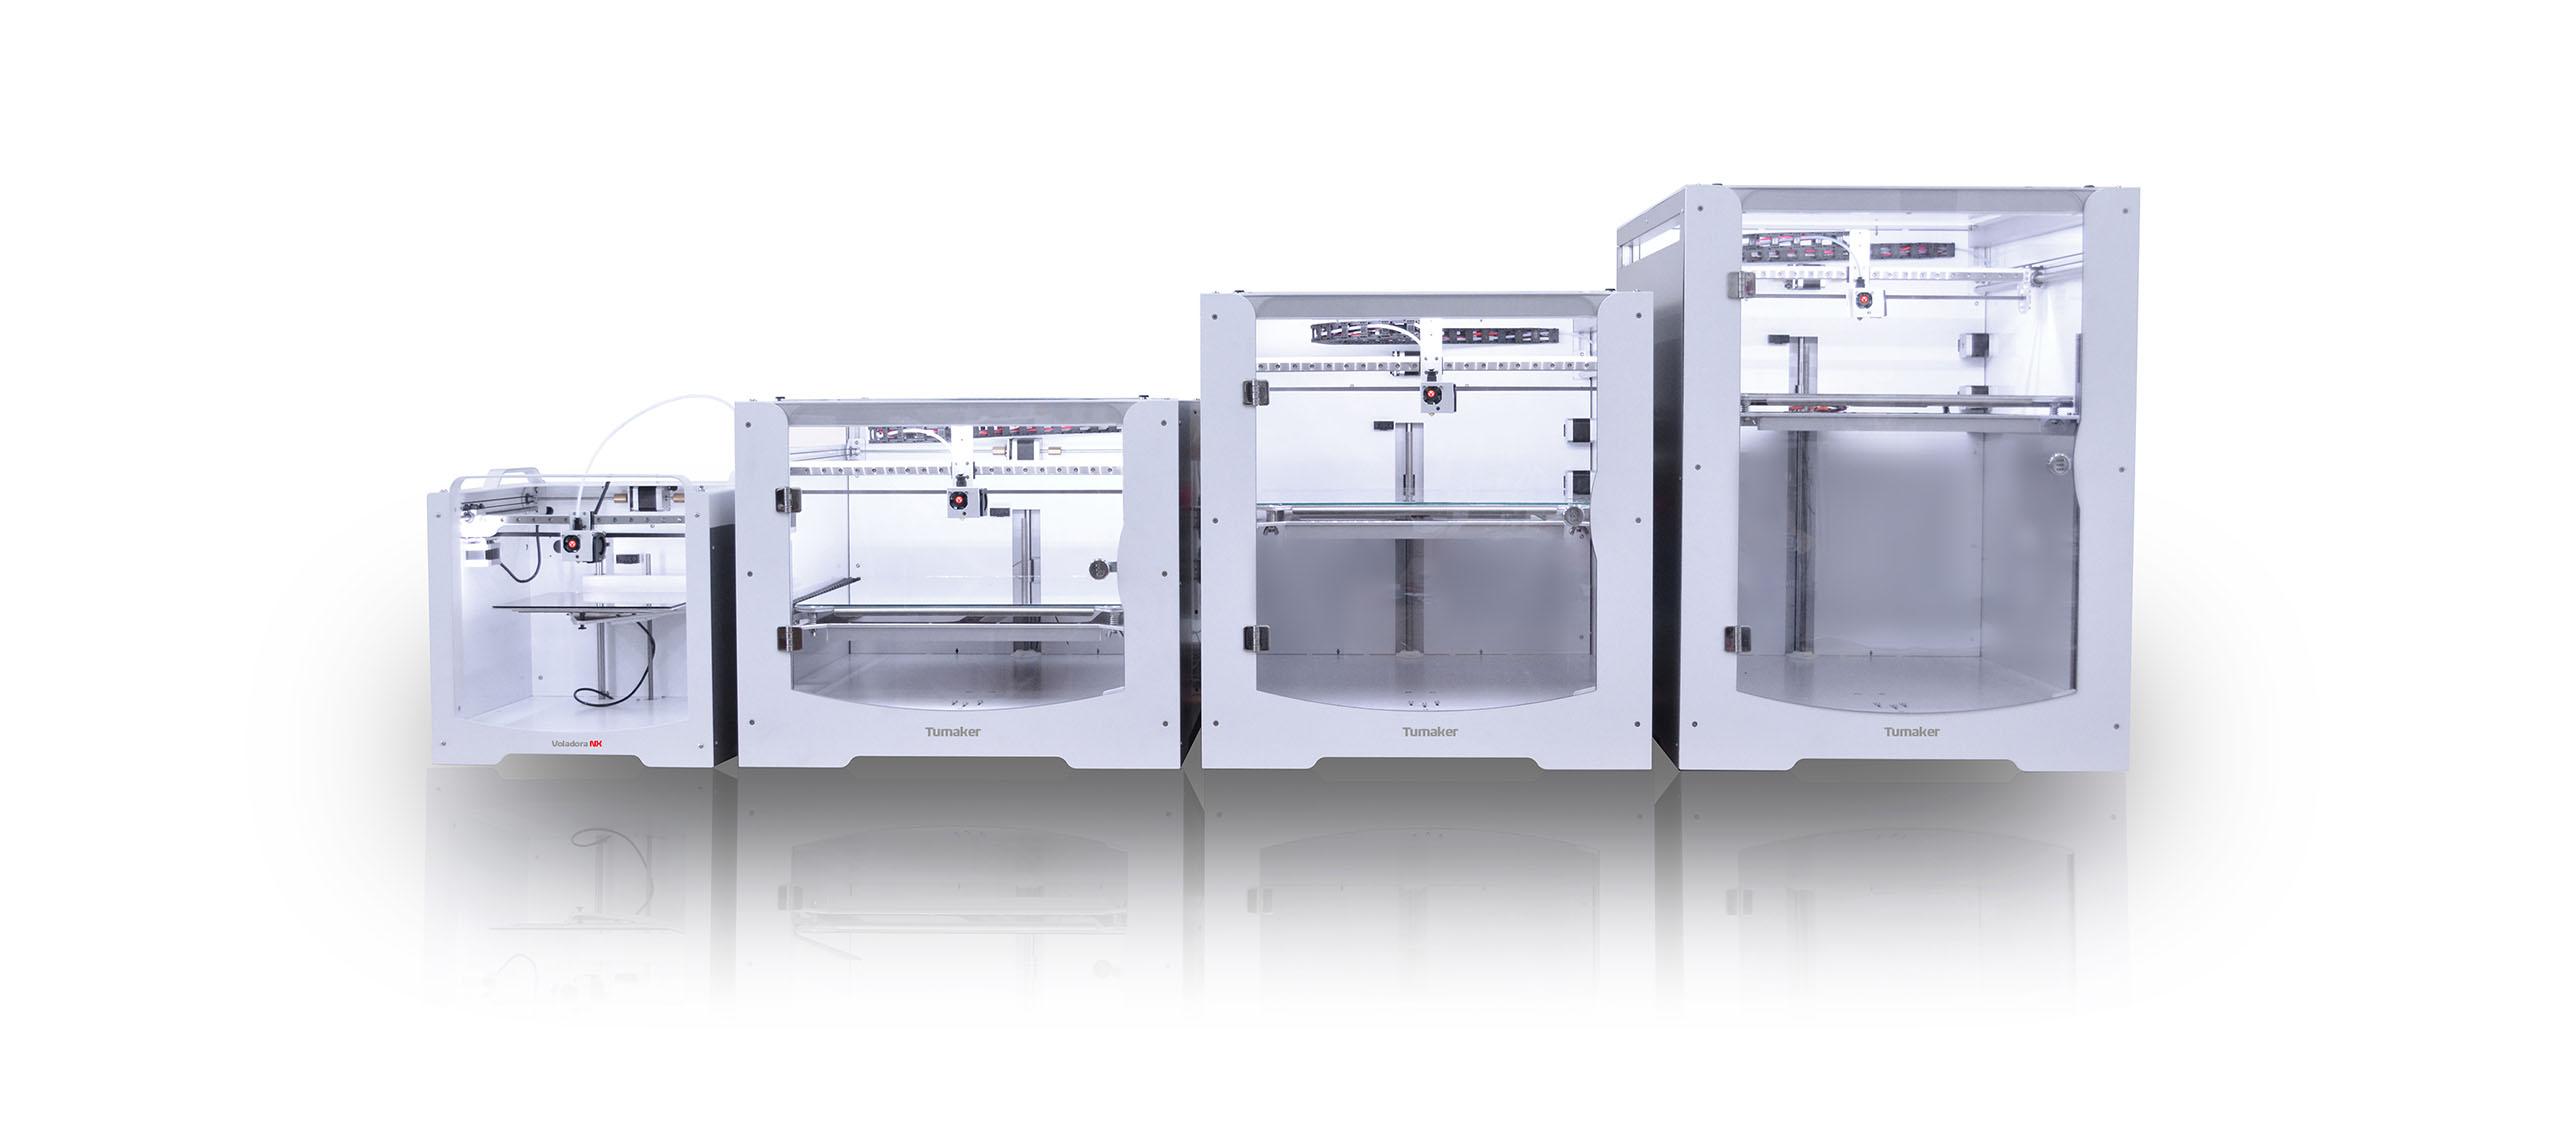 Tumaker presenta su nueva gama de estaciones de impresión 3D